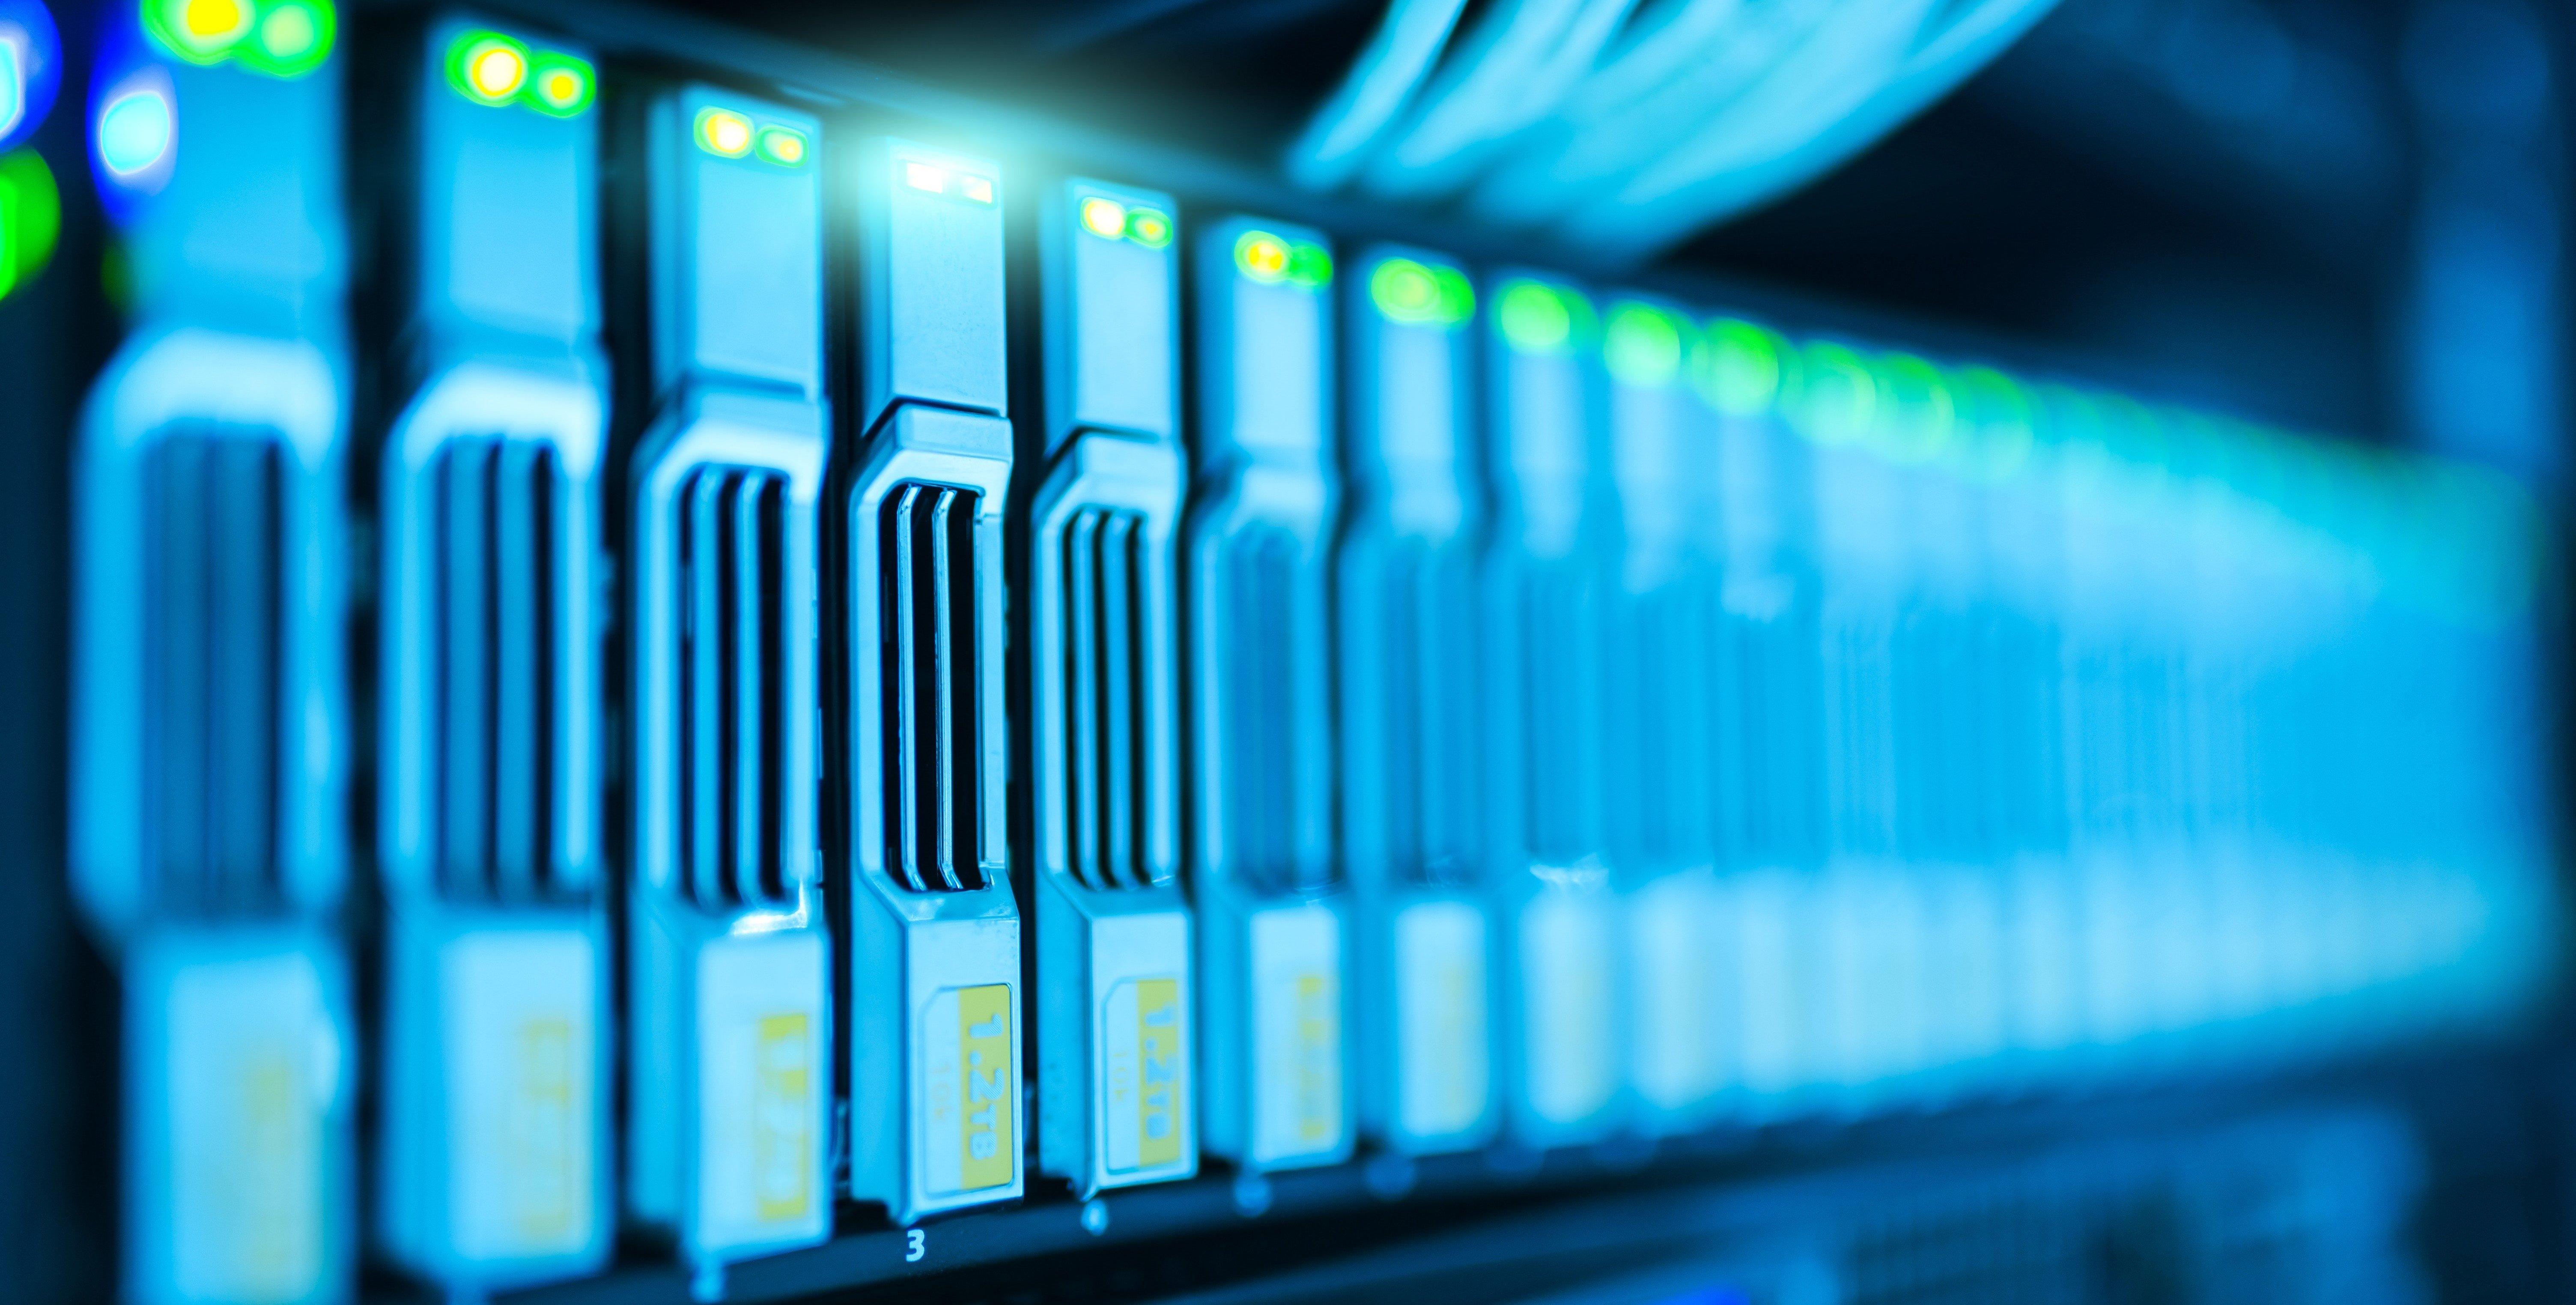 bandwidth-close-up-computer-1148820